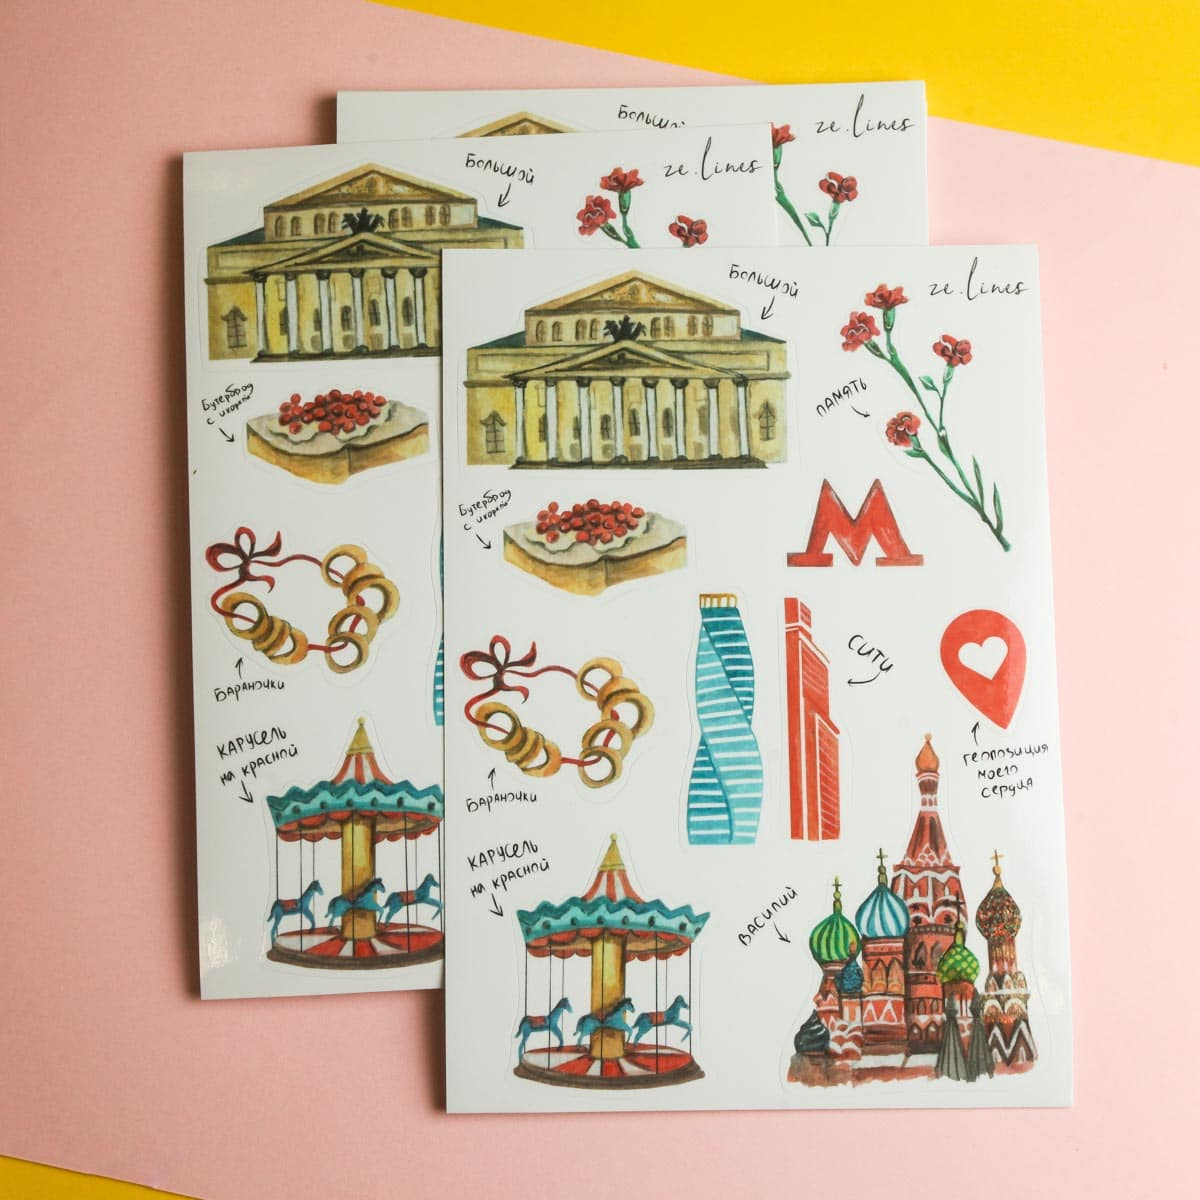 Заказать наклейки и стикеры - Свиблово